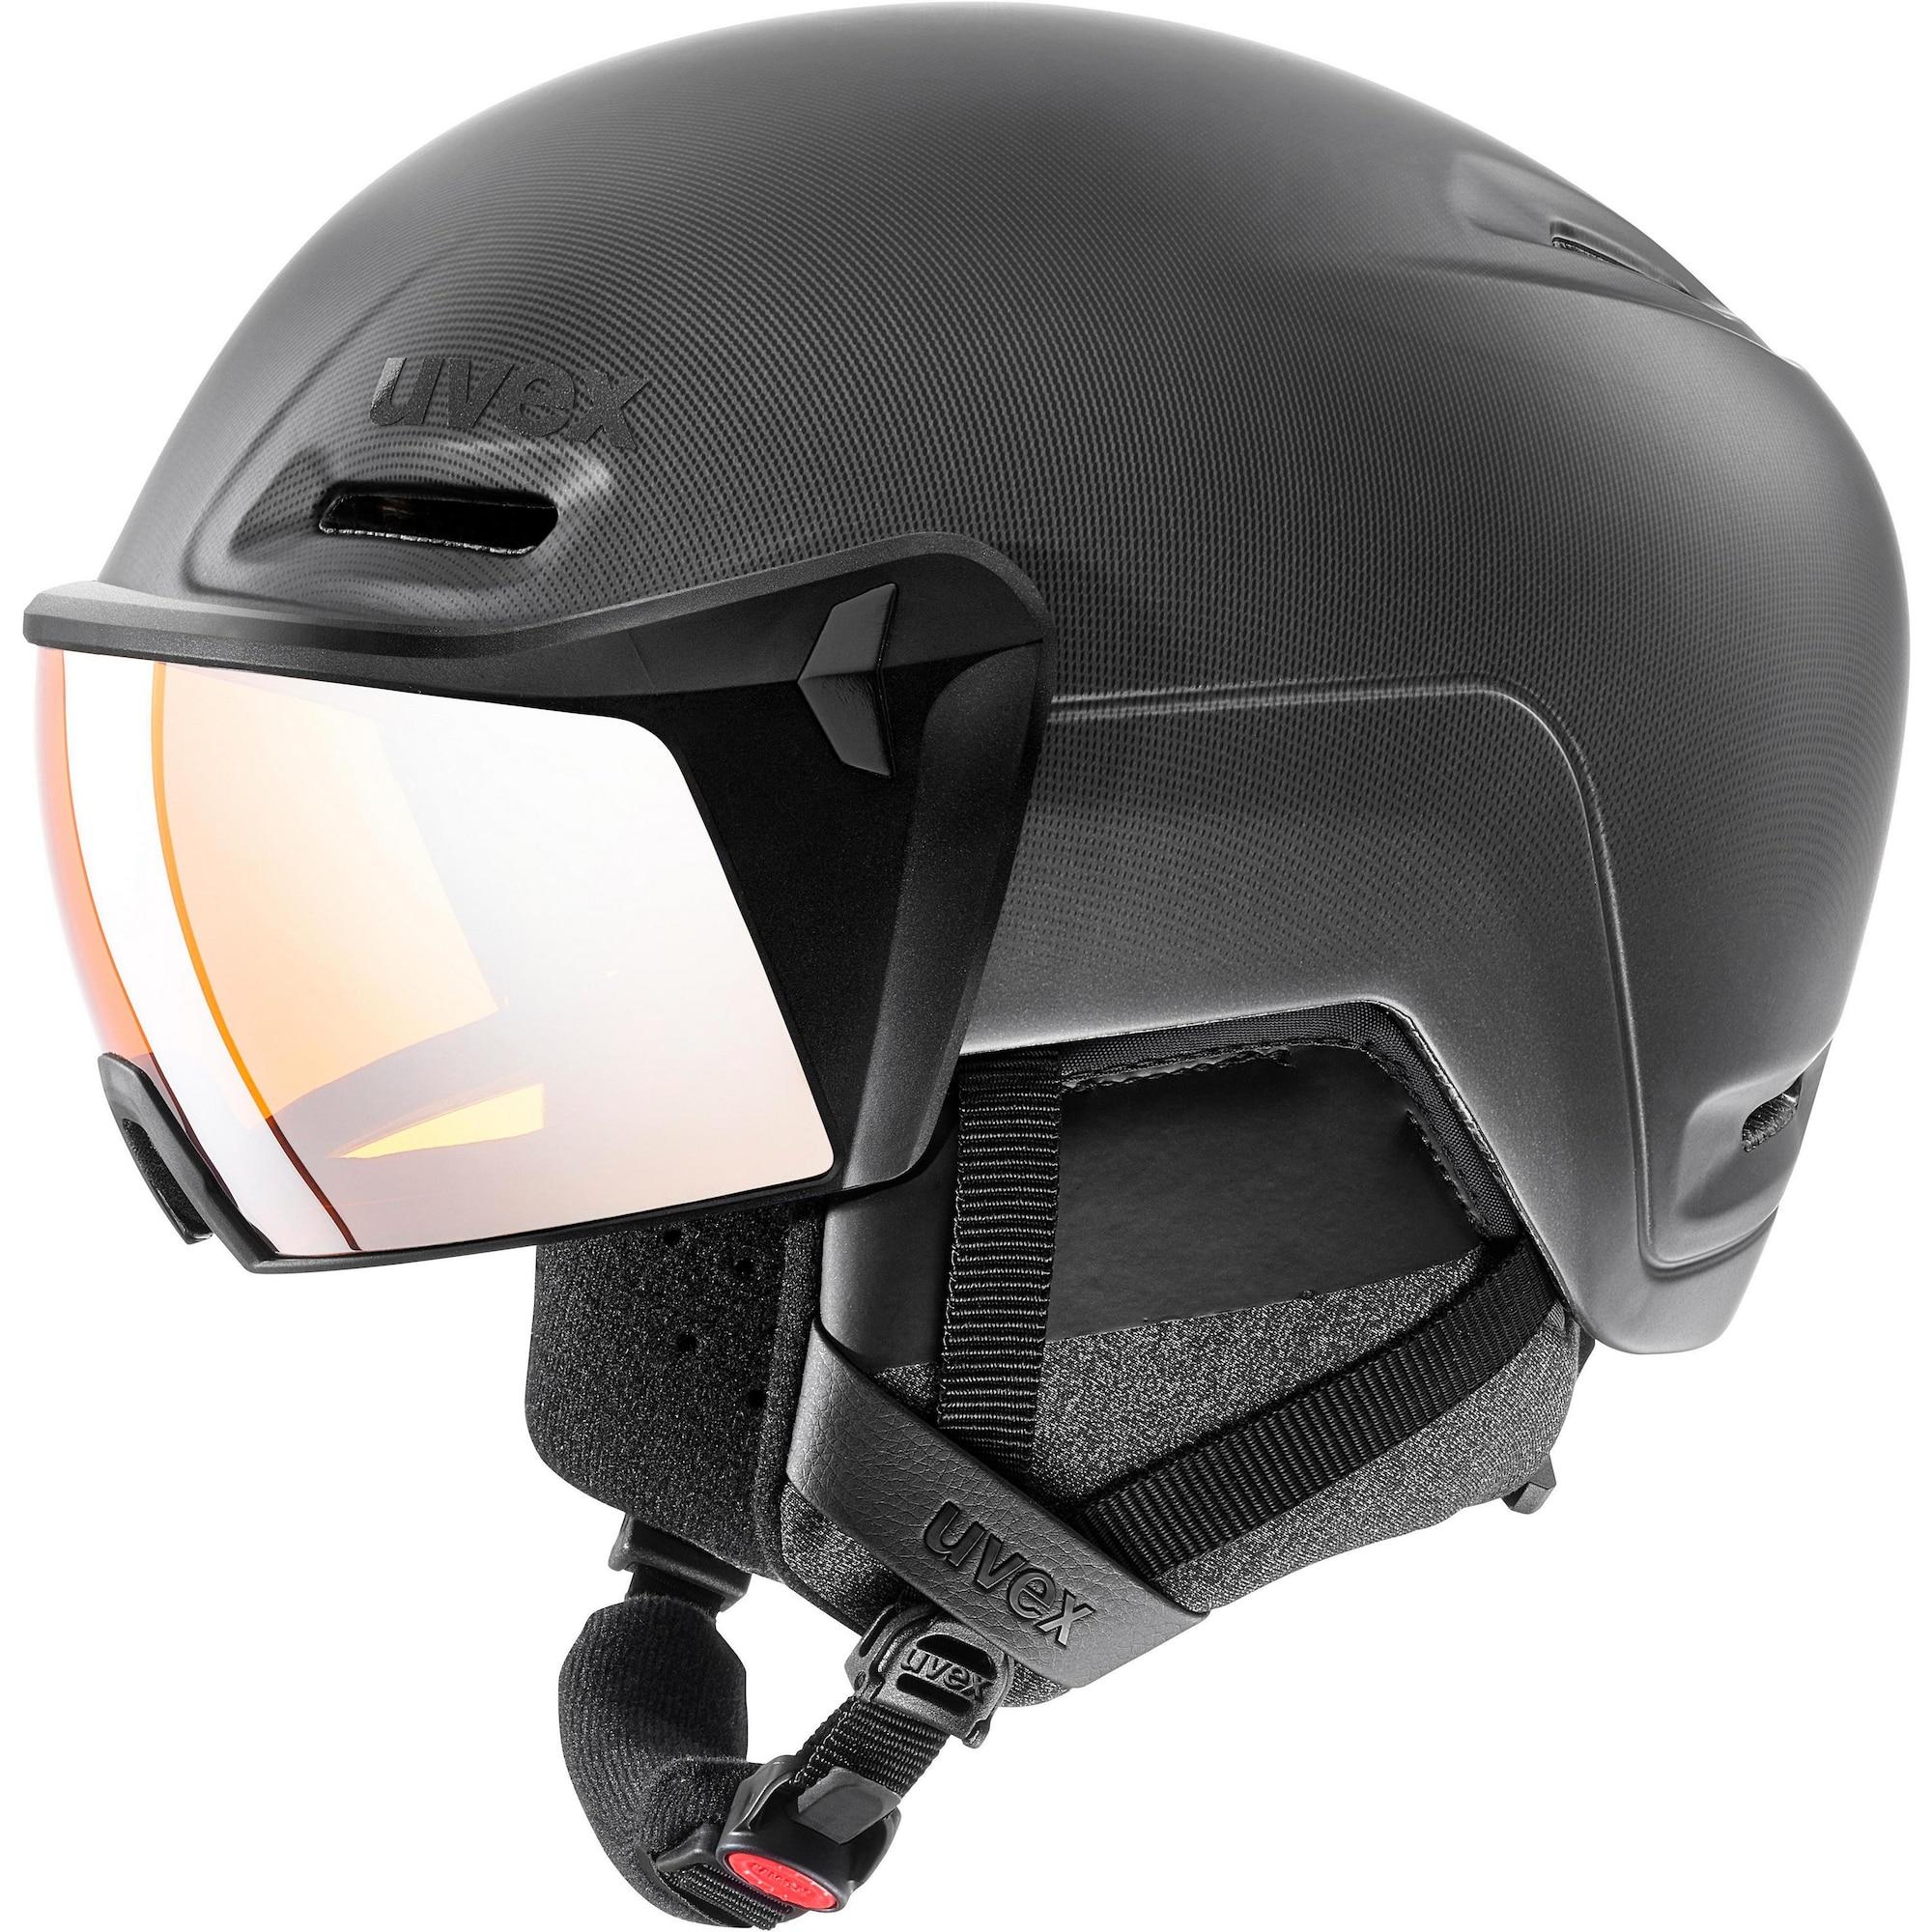 Visierhelm 'hlmt 700 visor' | Accessoires > Caps > Visors | Uvex